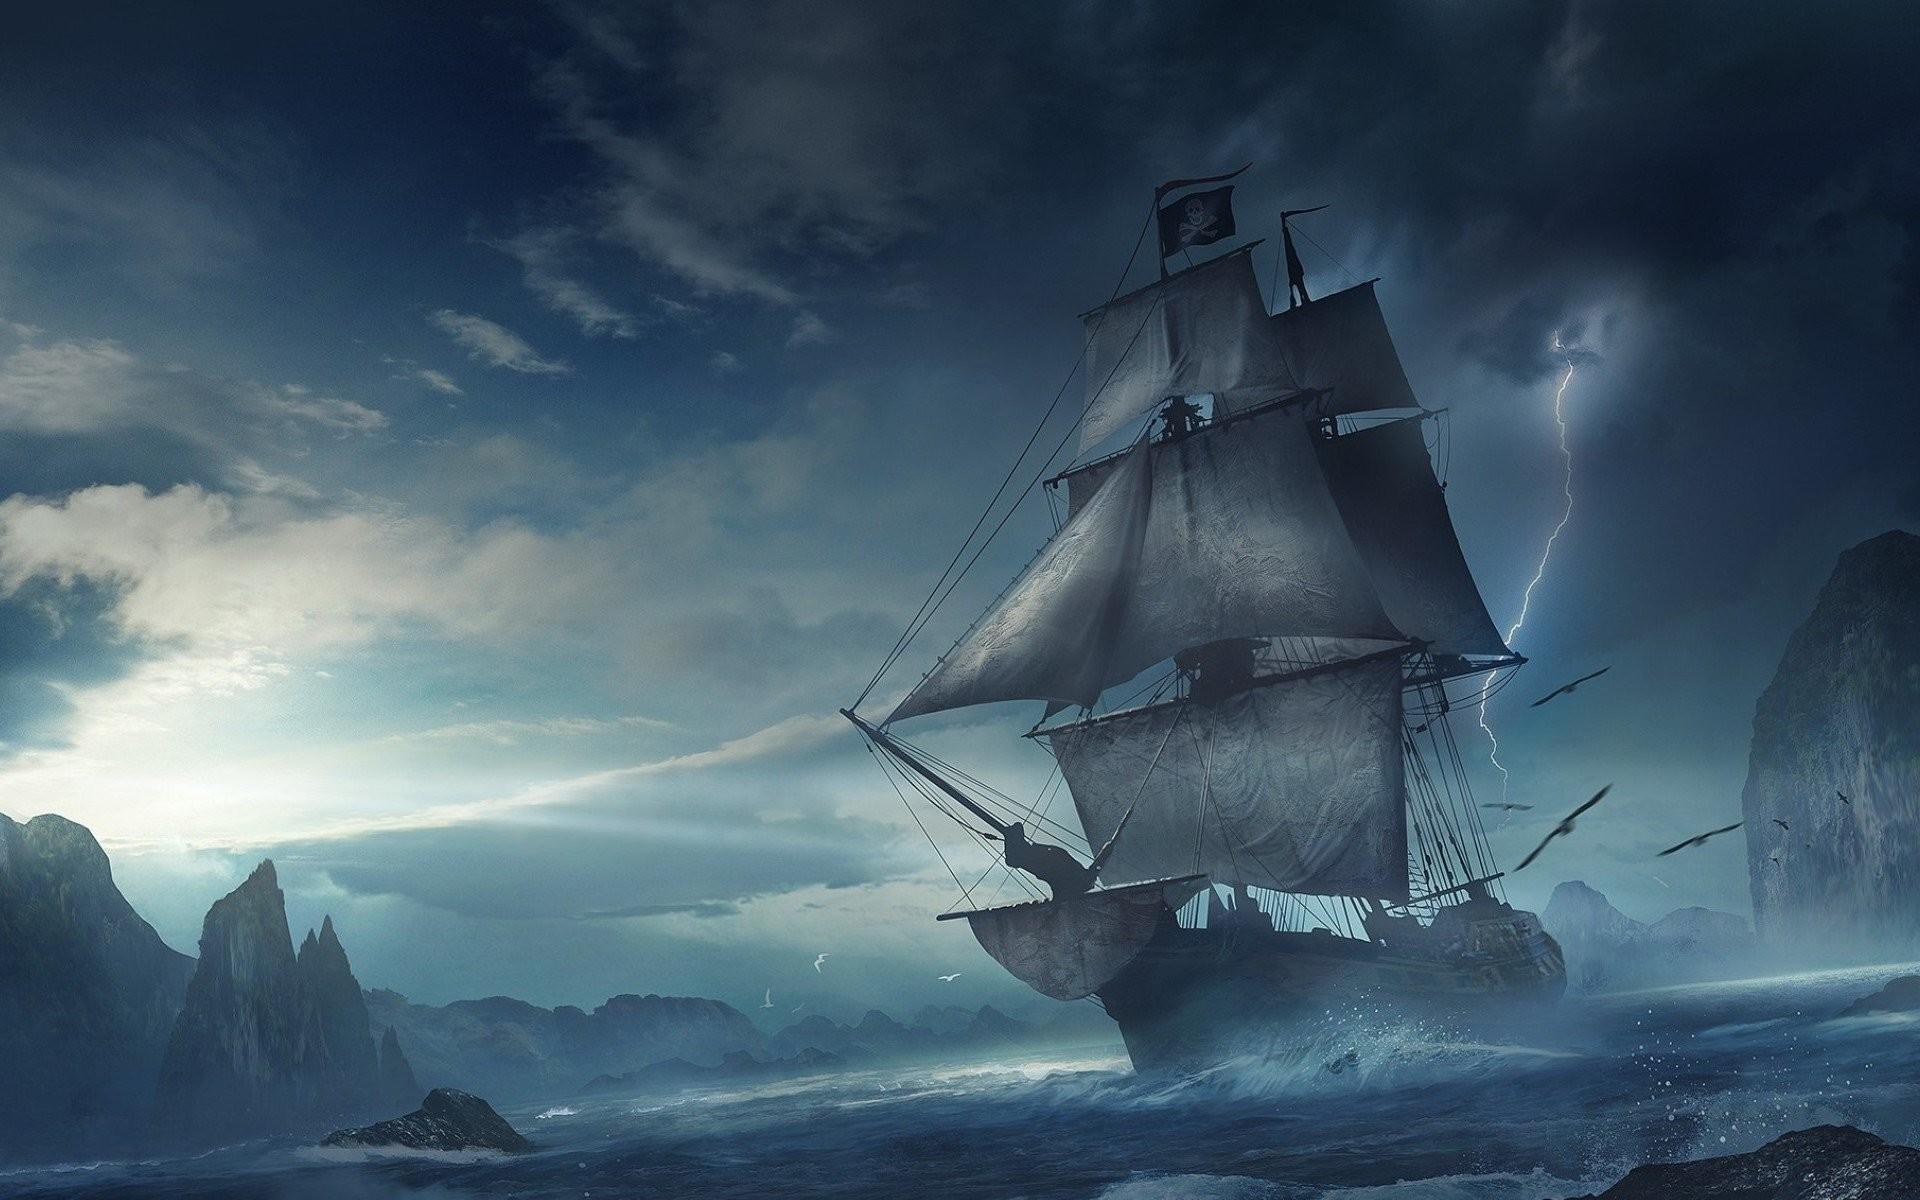 Res: 1920x1200, Ship Wallpaper